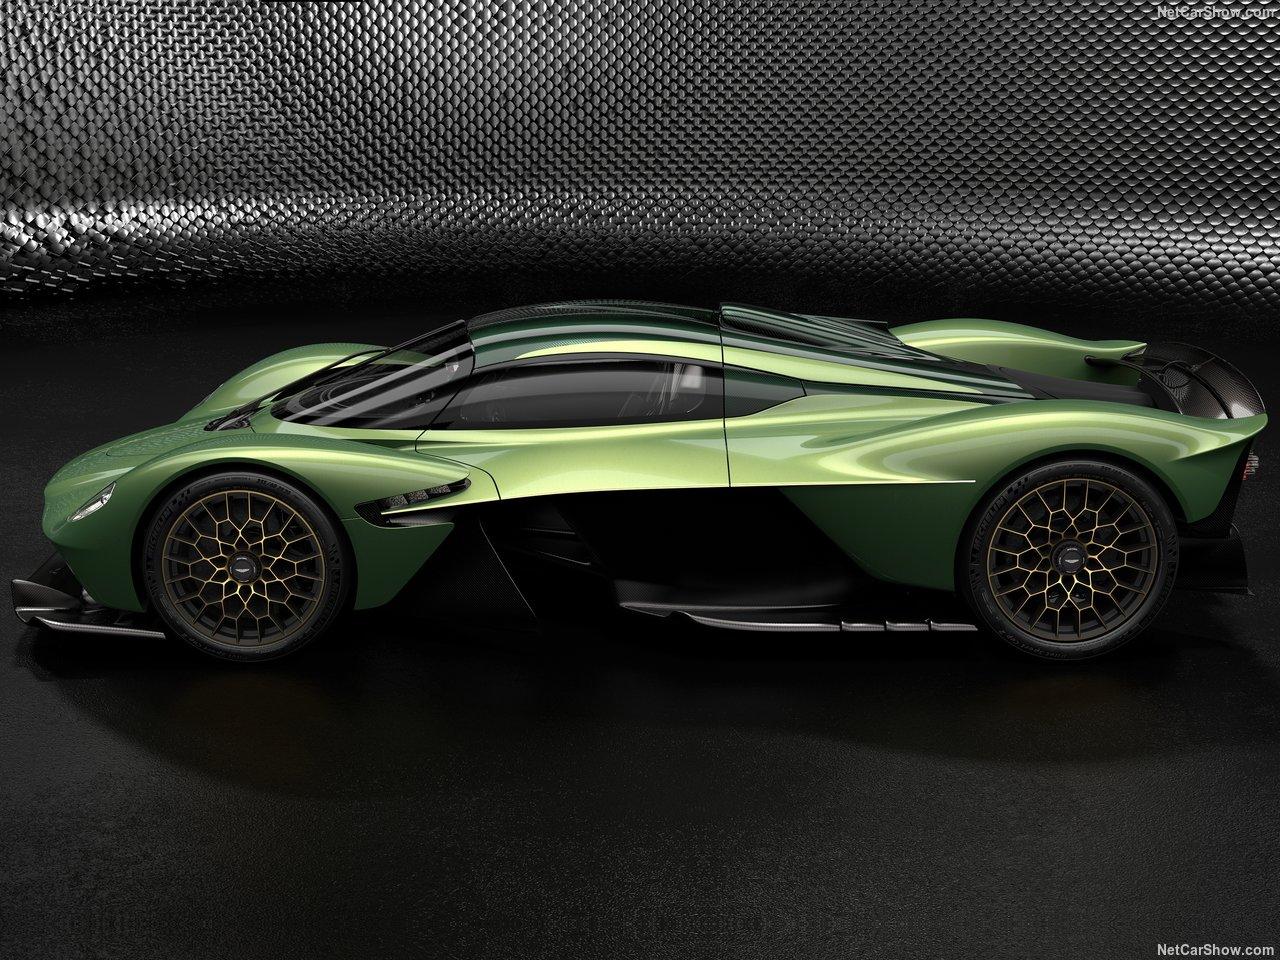 Aston Martin Valkyrie tem 1000 cavalos, custa dois milhões de euros e irá fazer 150 pessoas felizes